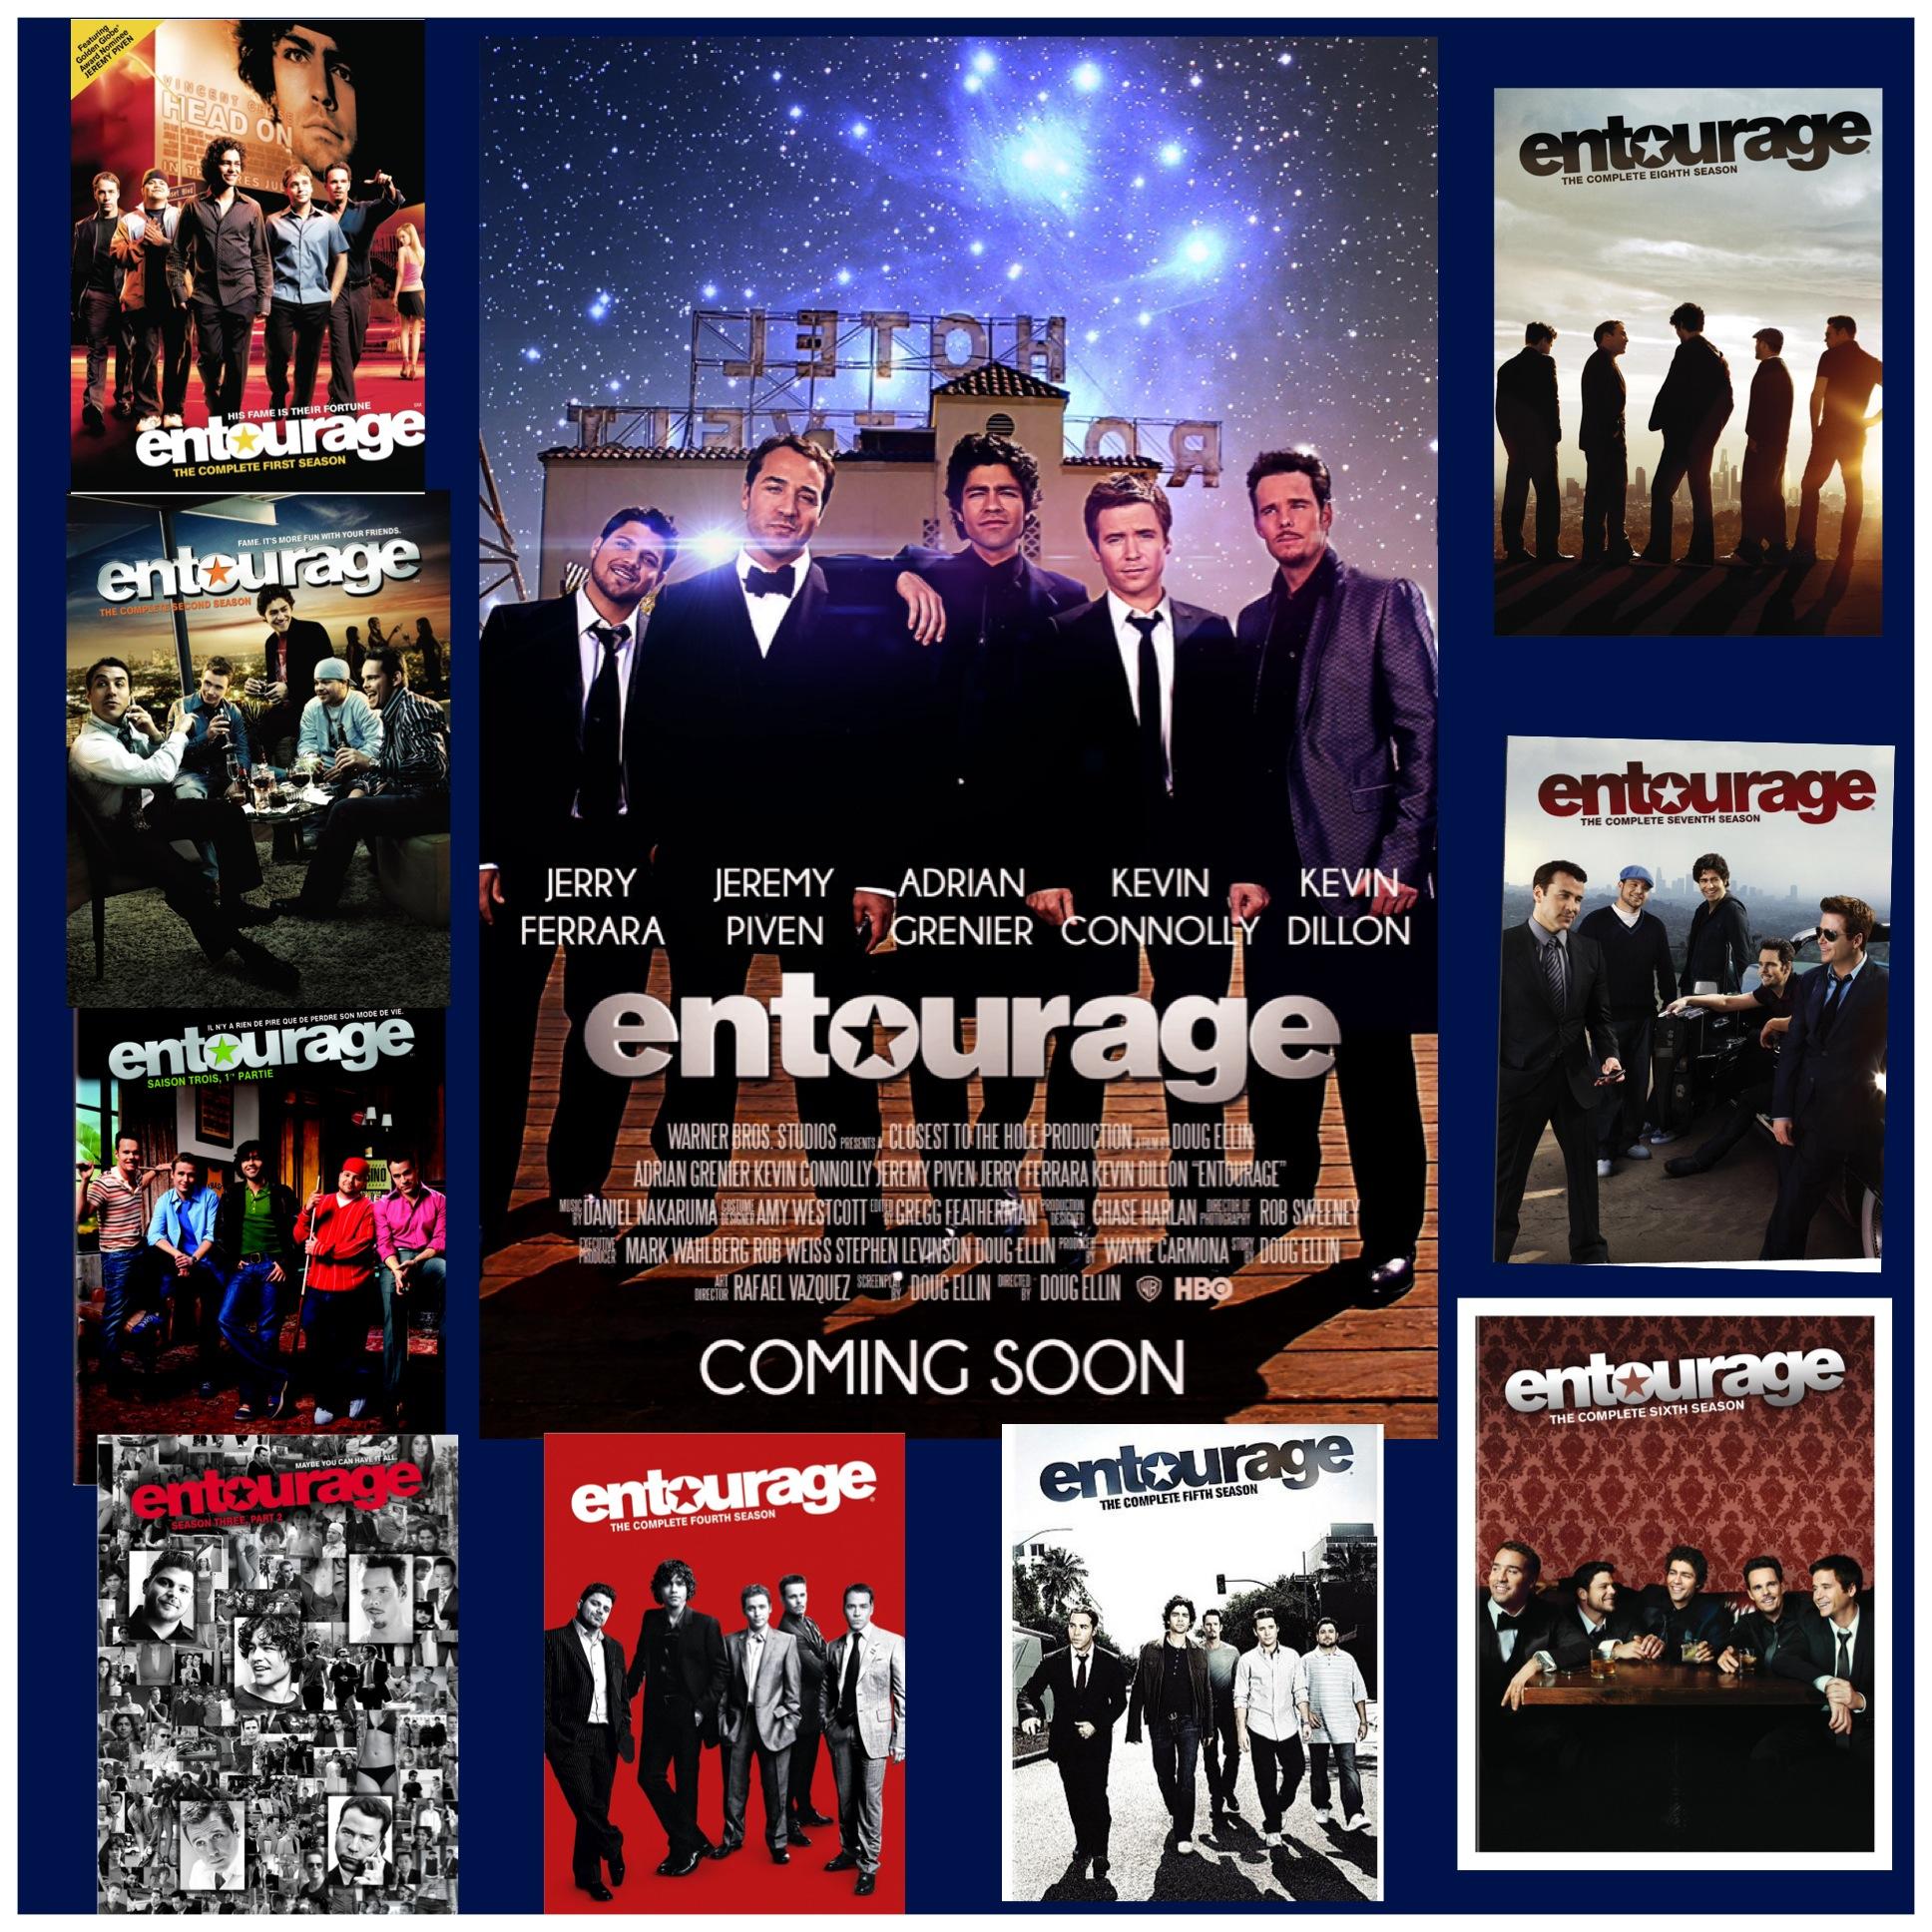 Entourage the Movieis Coming